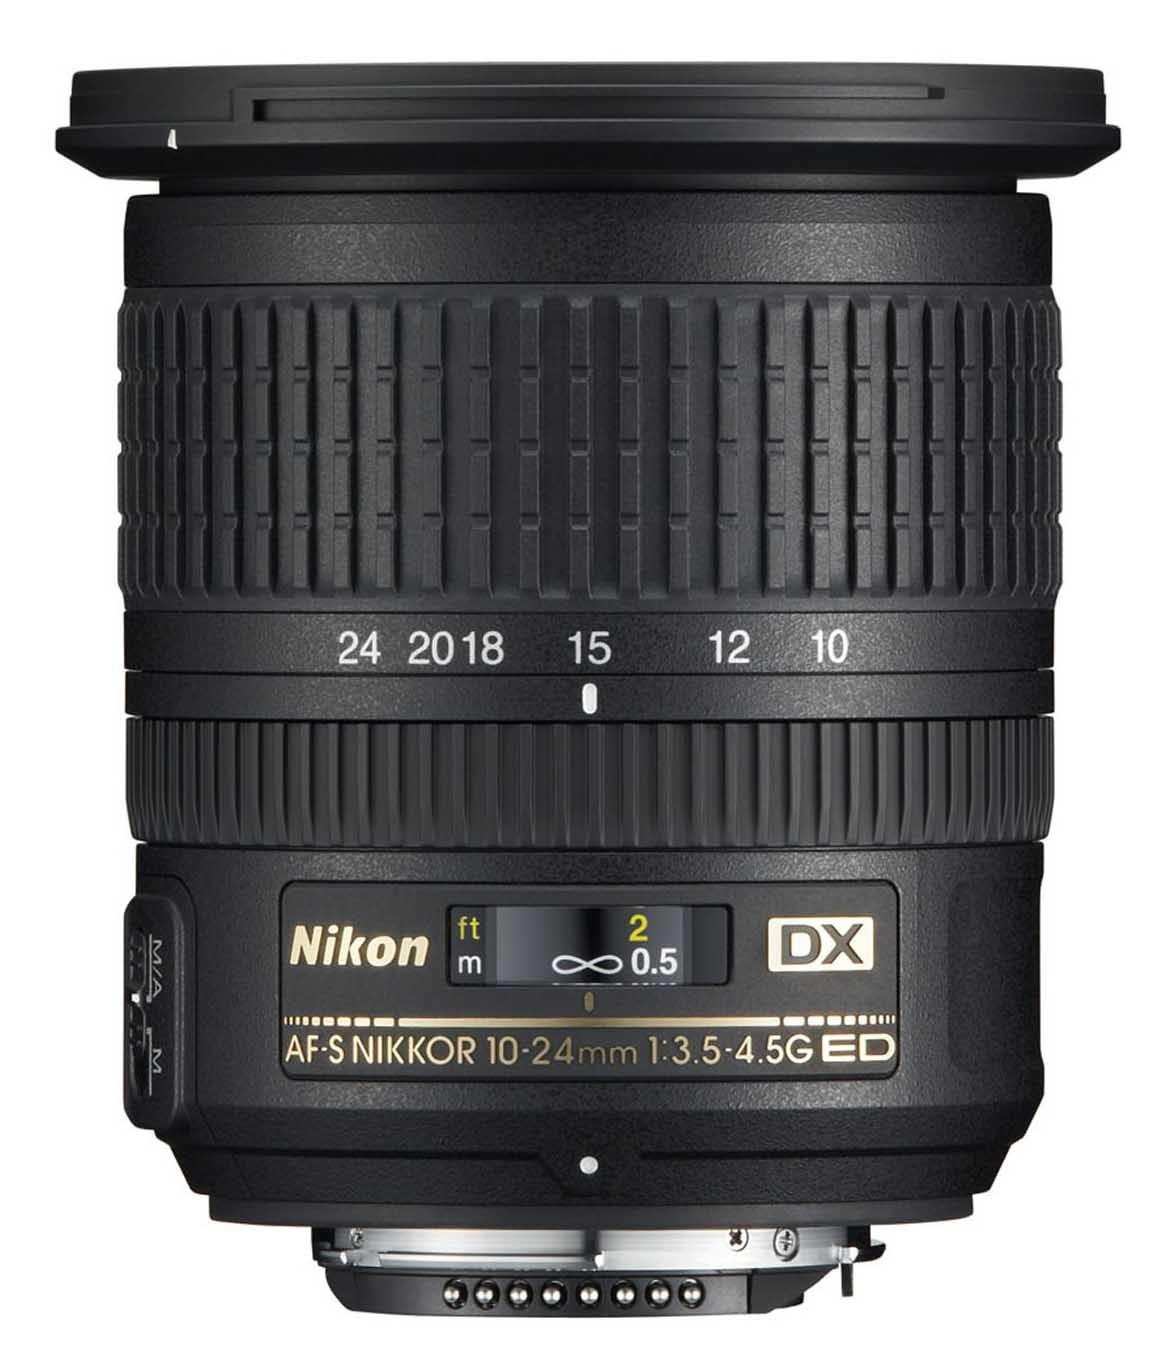 Nikkor AF-S DX 10-24mm f/3.5-4.5G ED